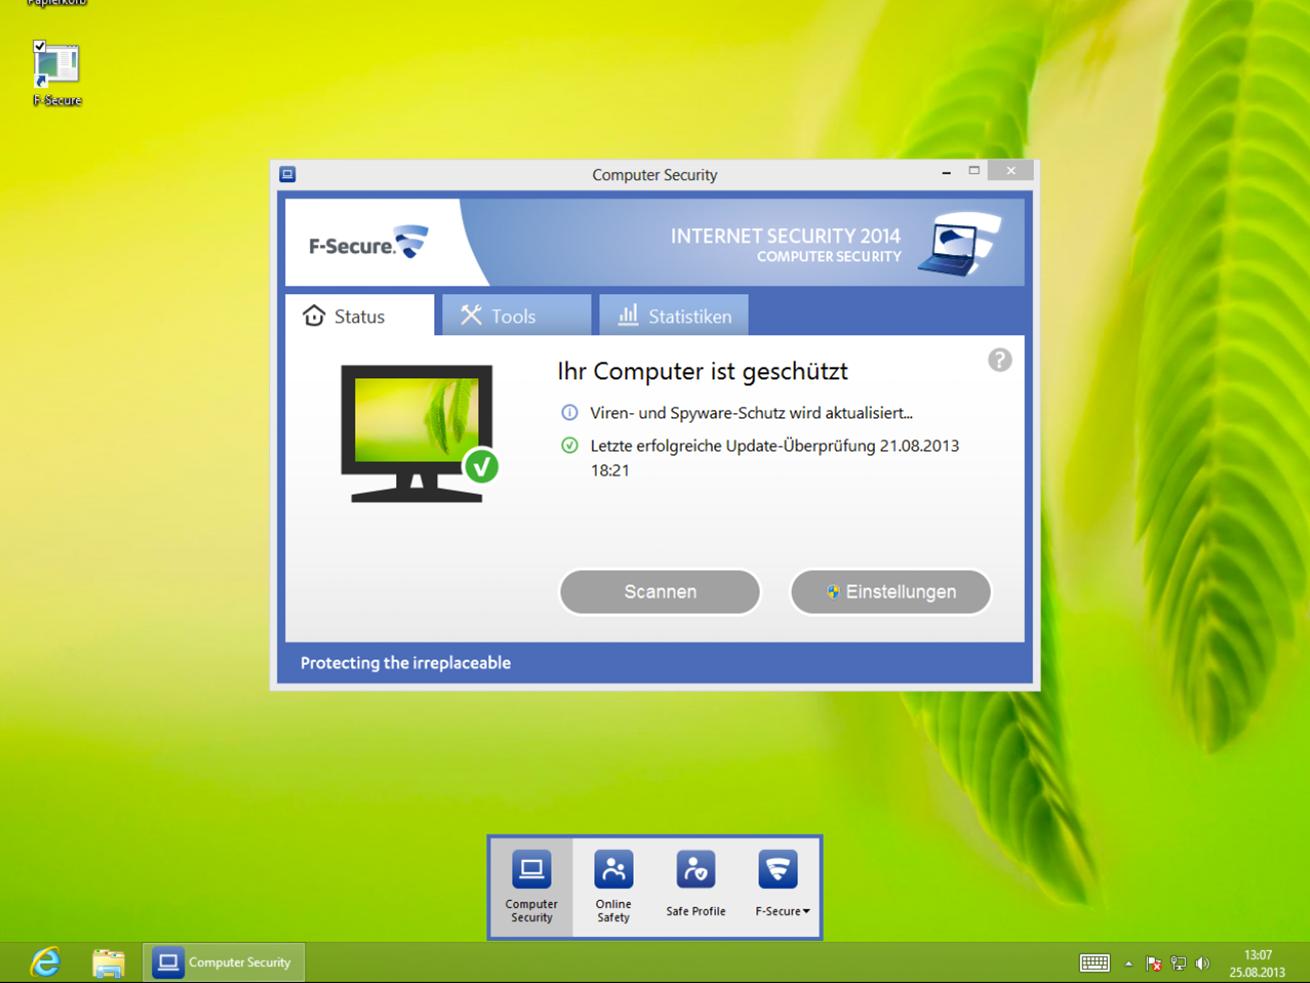 F-Secure Internet Security 2014 veröffentlicht